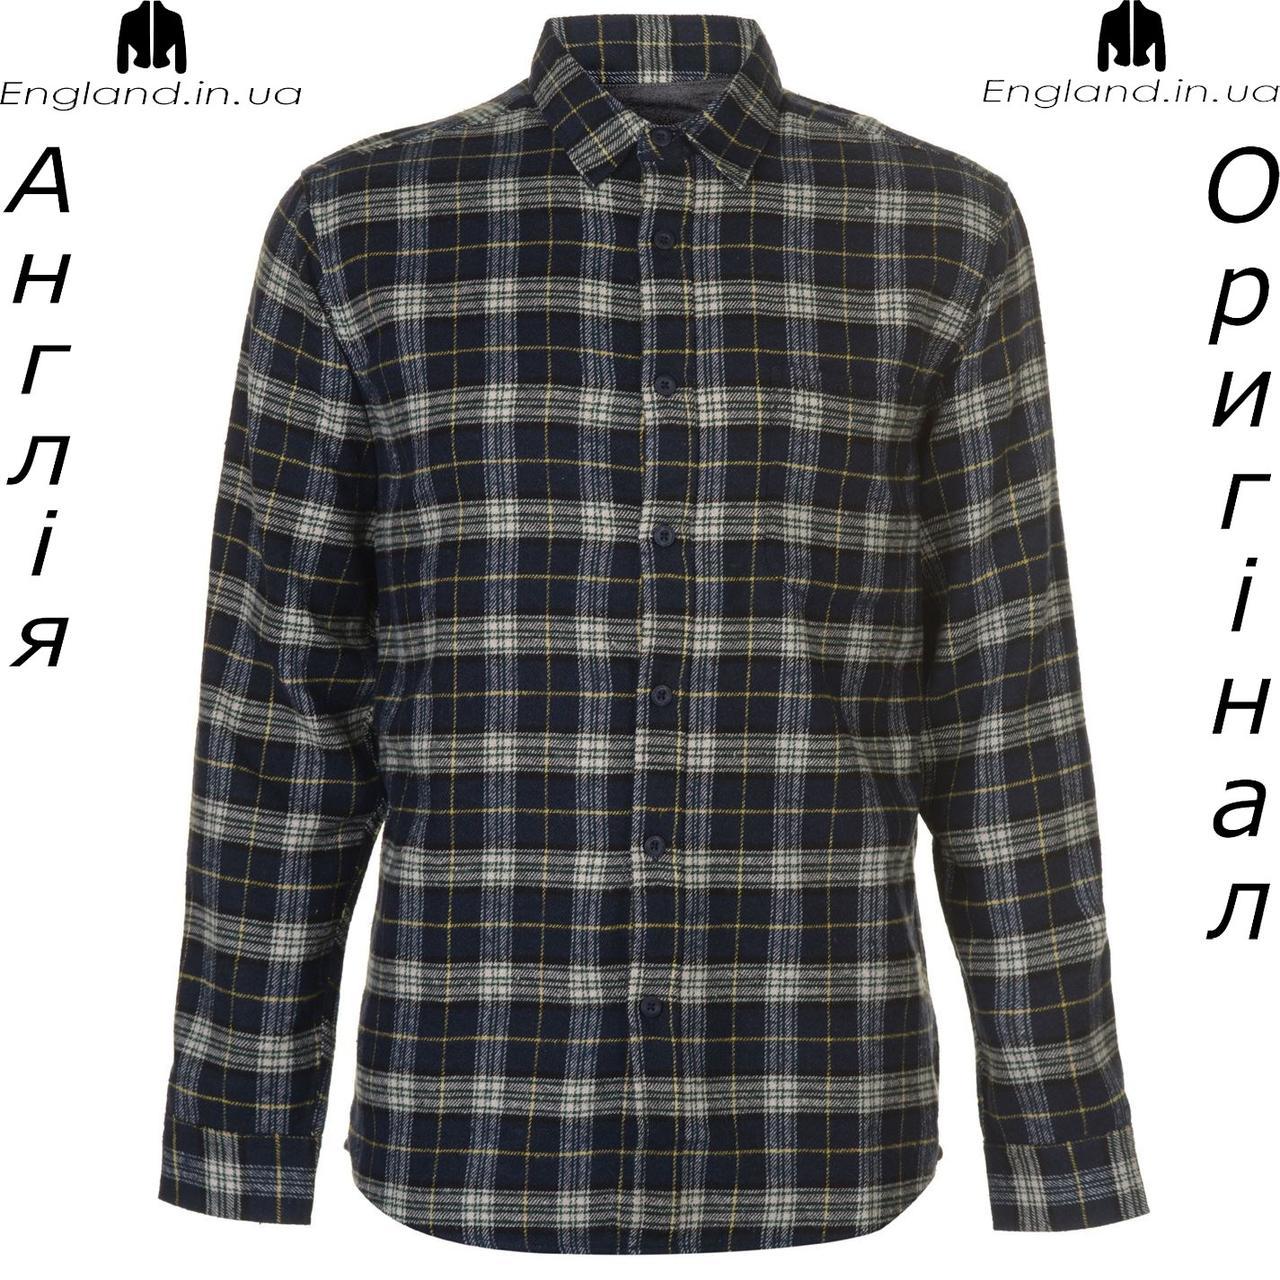 Размер L (наш 50й) - Рубашка в клетку мужская Pierre Cardin из Англии - на длинный рукав